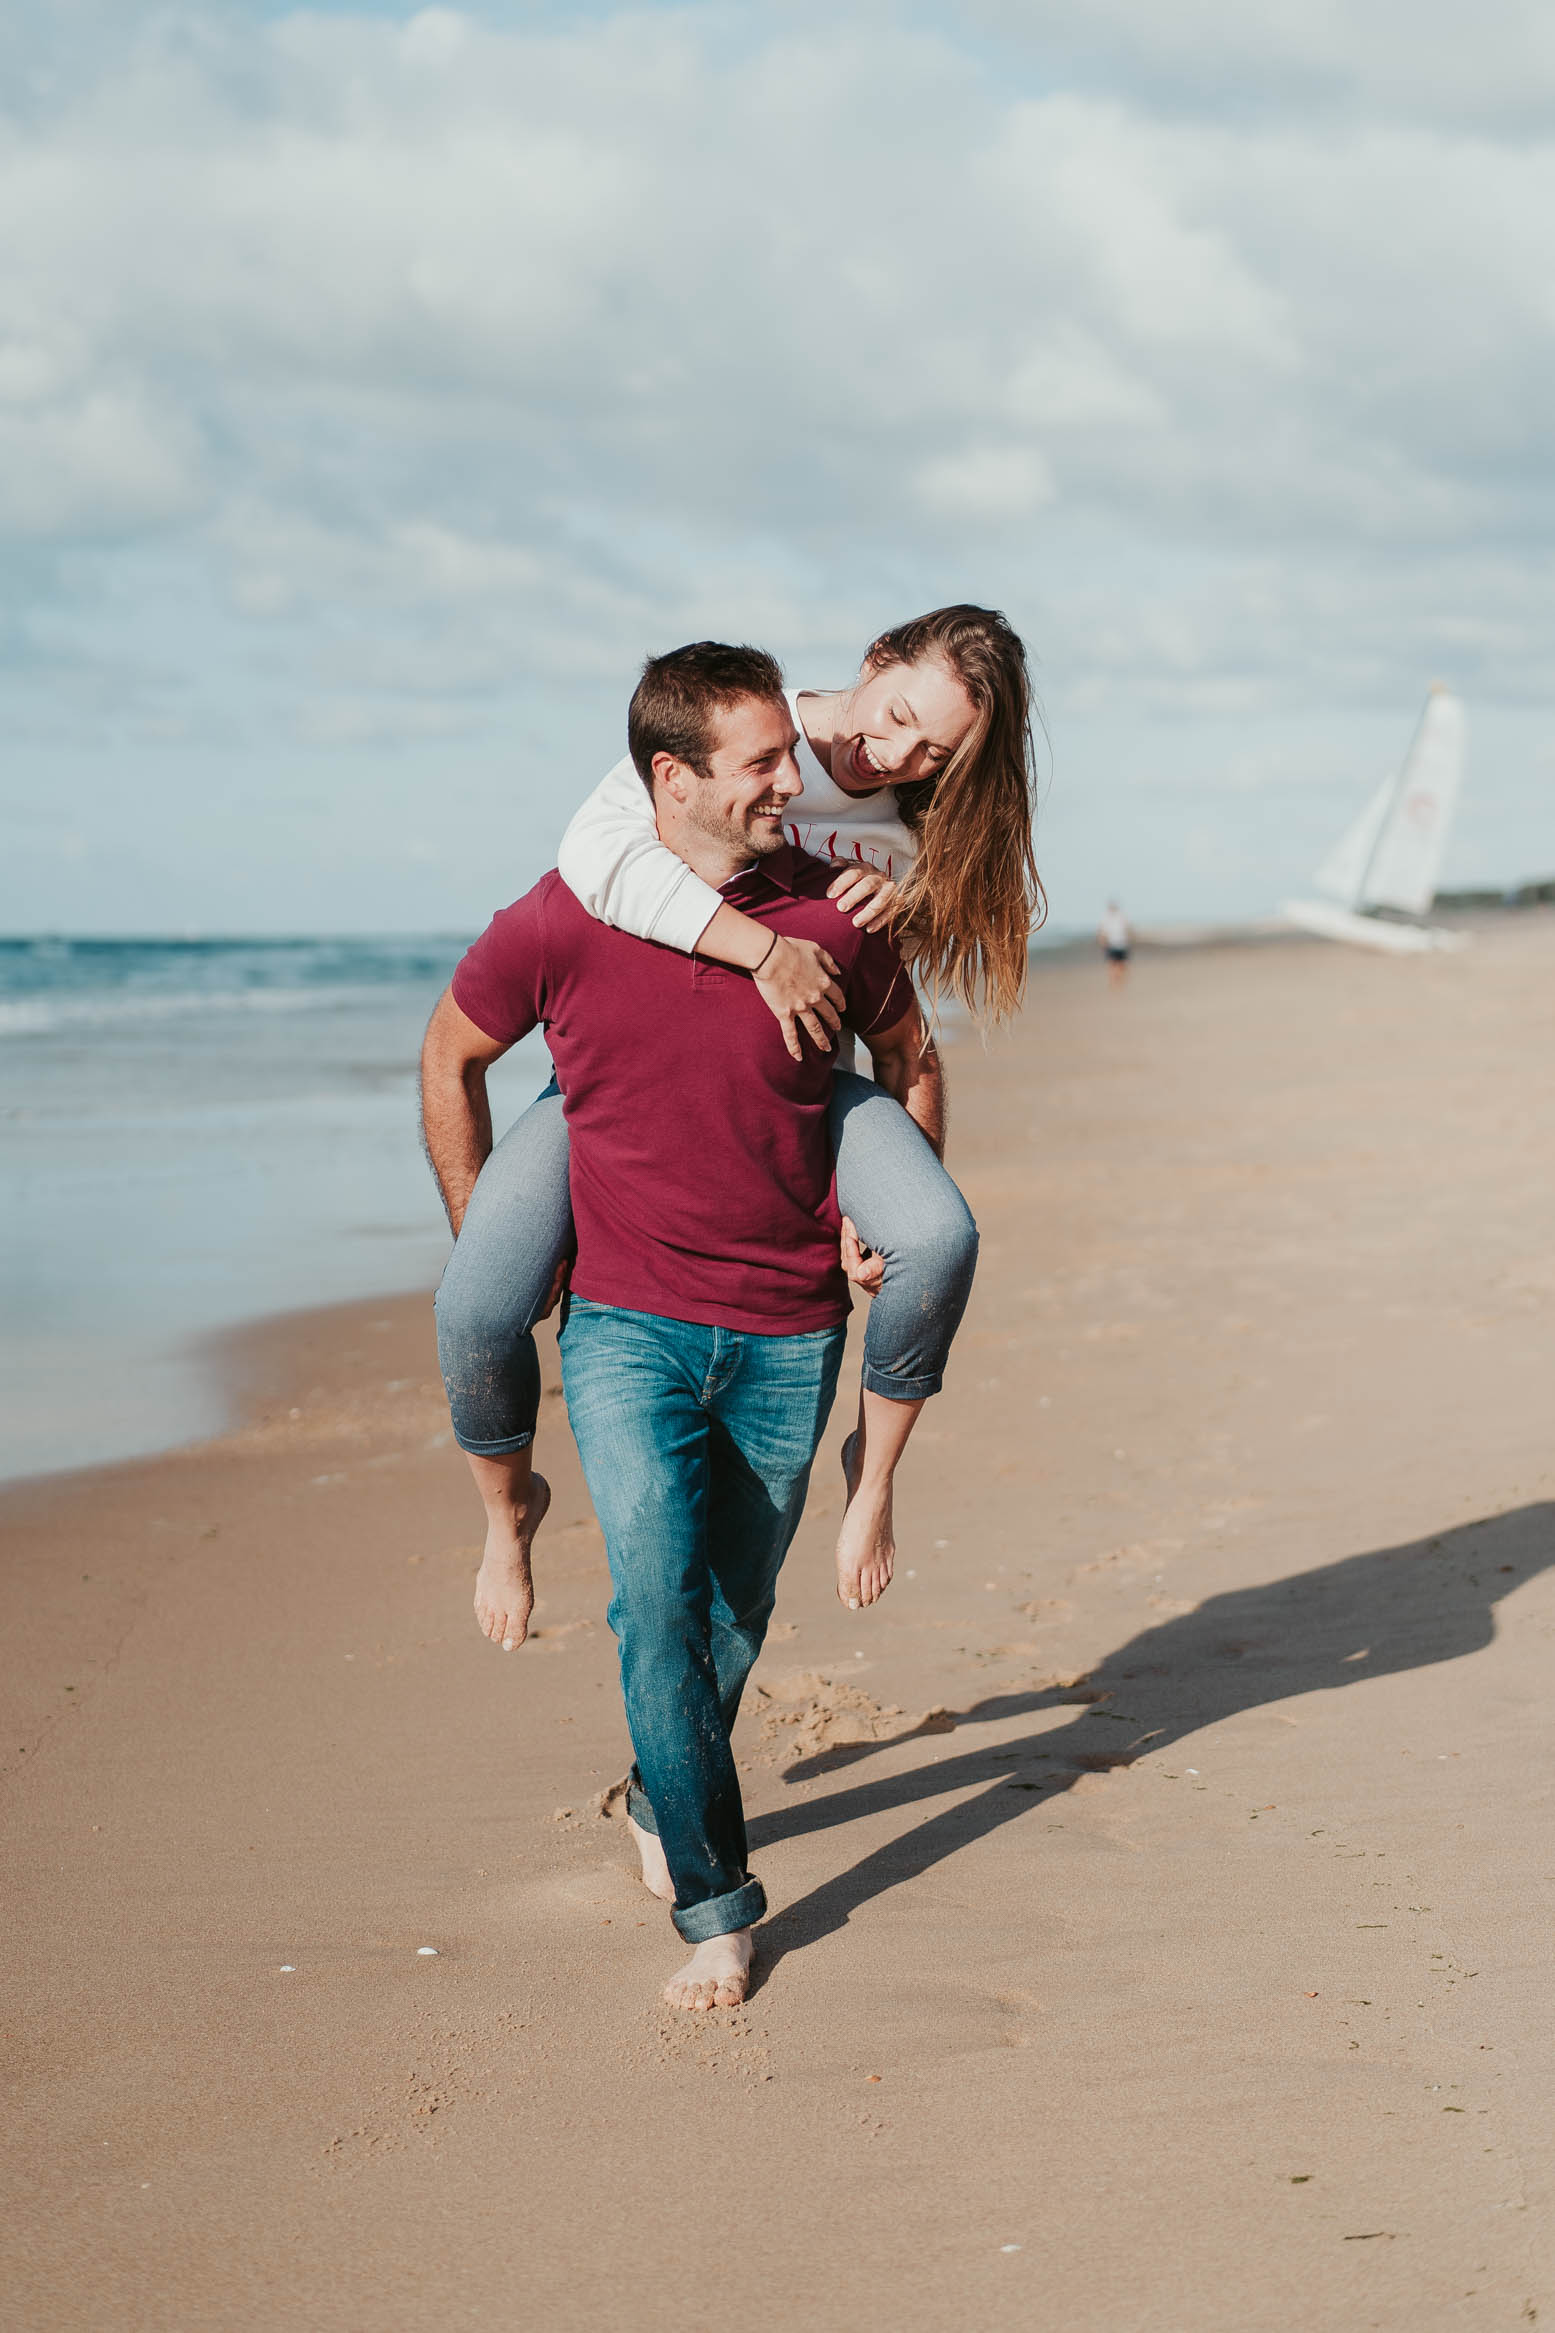 photographe_bruxelles_couple_mer_du_nord-22.jpg